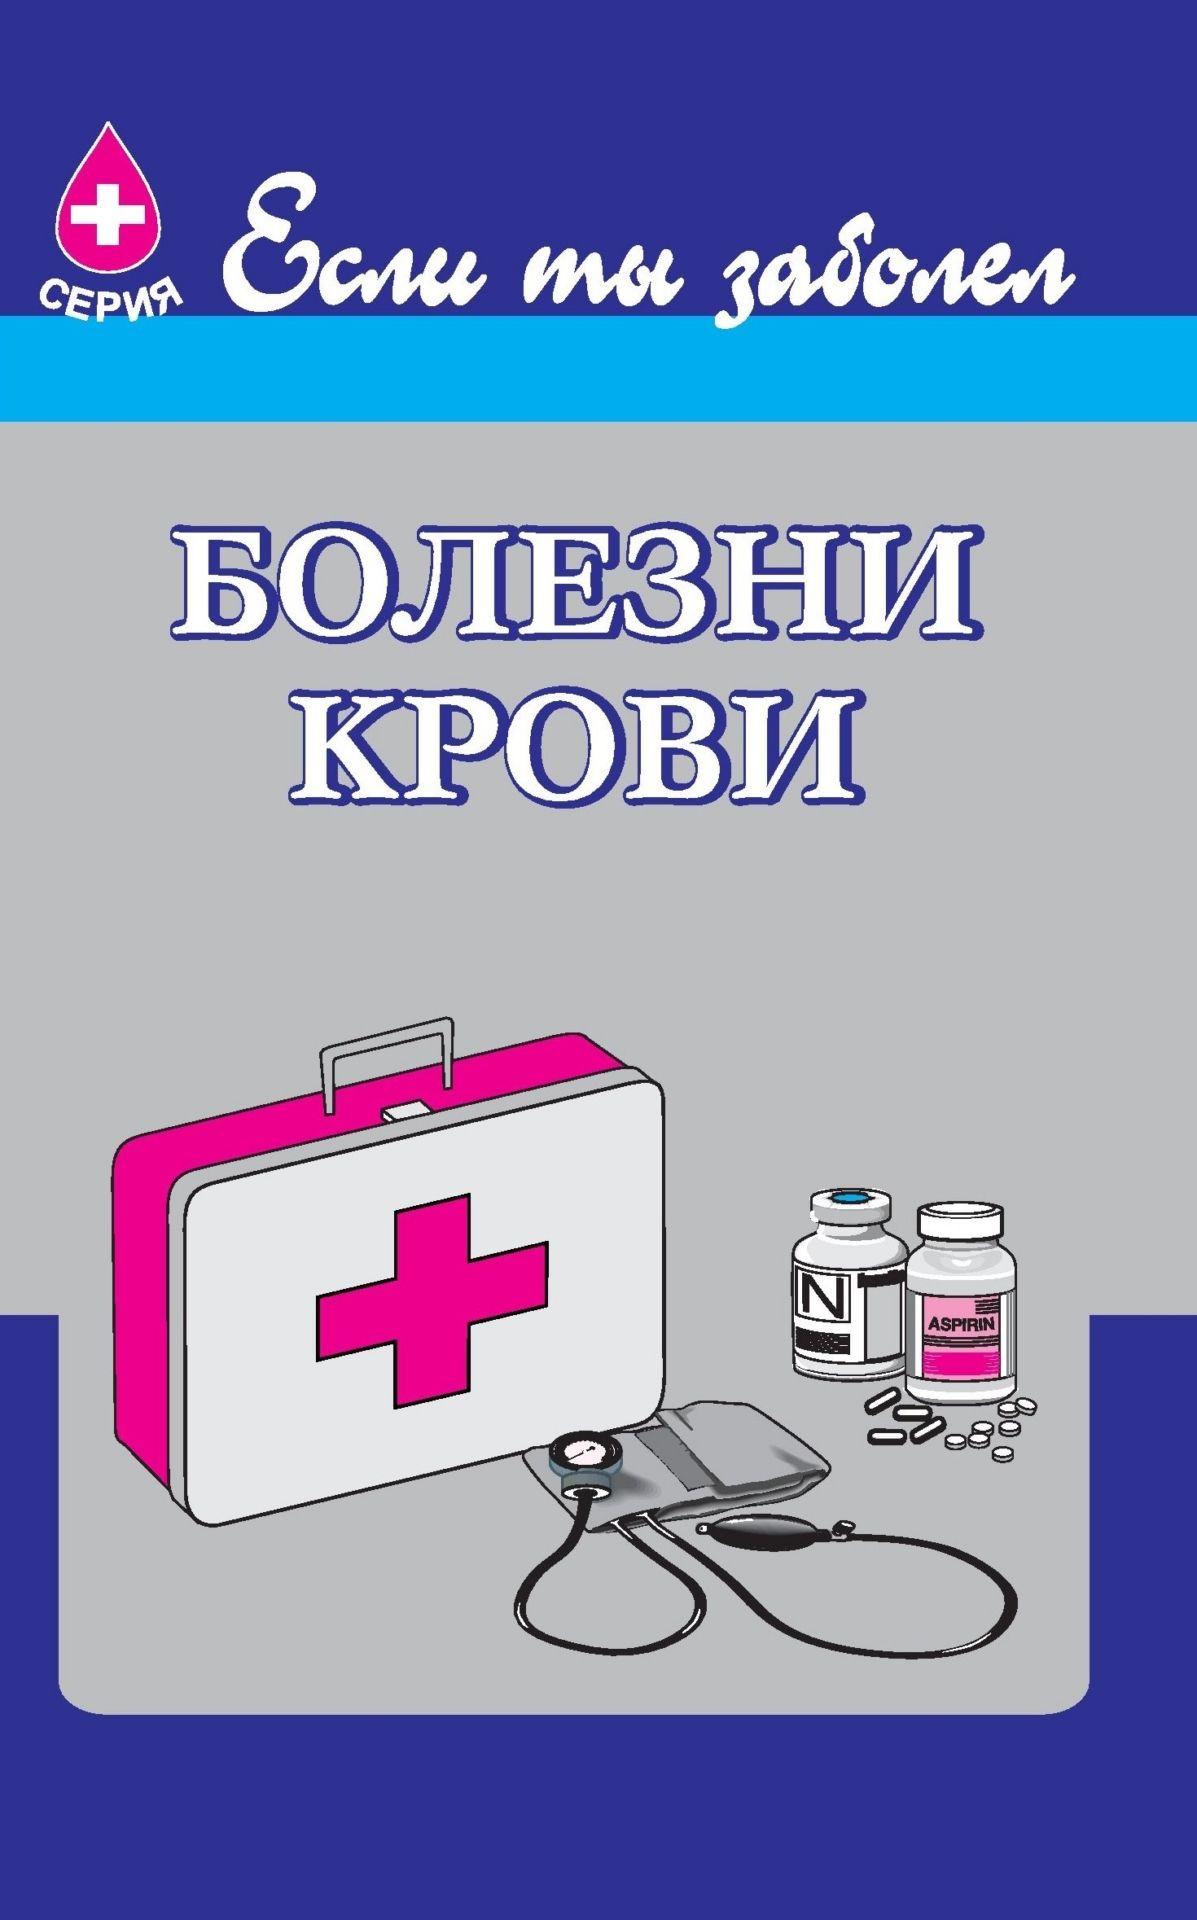 Болезни кровиЗдоровье<br>В пособии серии Если ты заболел даются элементарные знания о болезнях крови и краткие рекомендации по их лечению.Предназначено для широкого круга читателей.<br><br>Авторы: Аверина В.И.<br>Год: 2004<br>Серия: Если ты заболел<br>ISBN: 5-7057-0559-X<br>Высота: 195<br>Ширина: 140<br>Толщина: 3